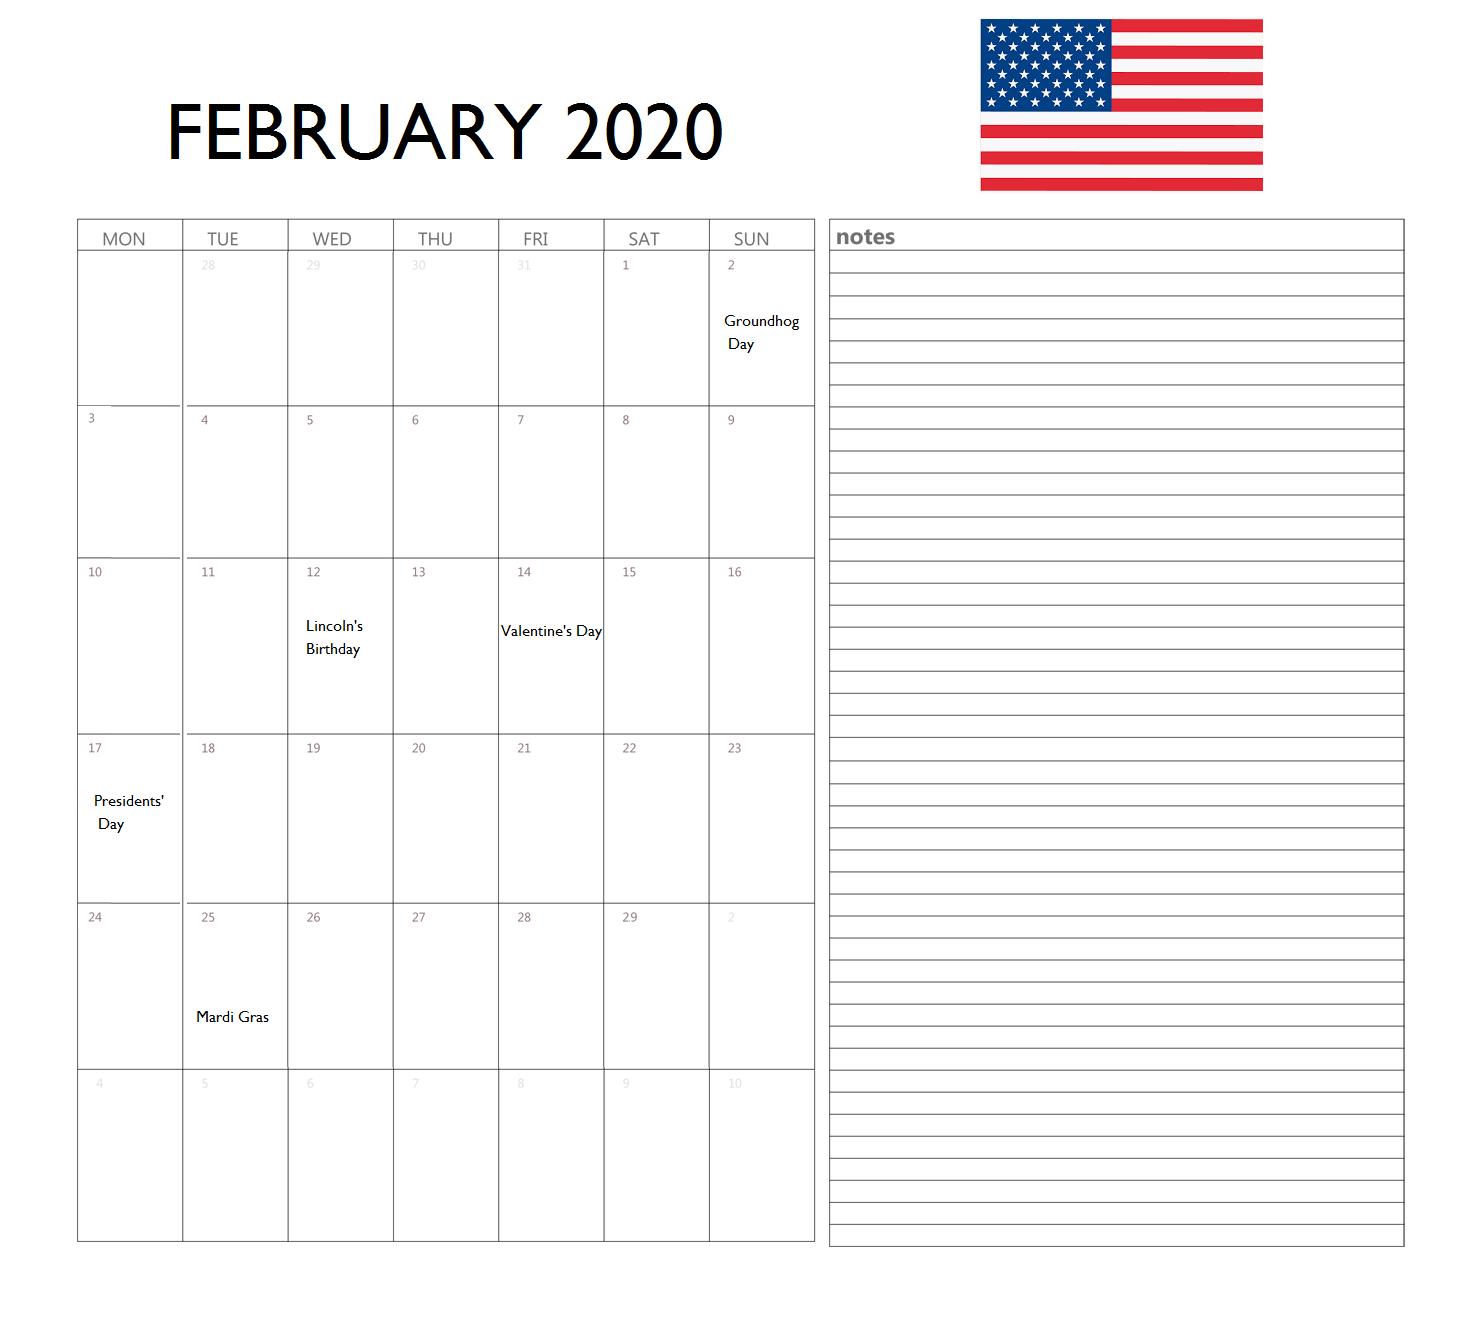 February 2020 USA Calendar